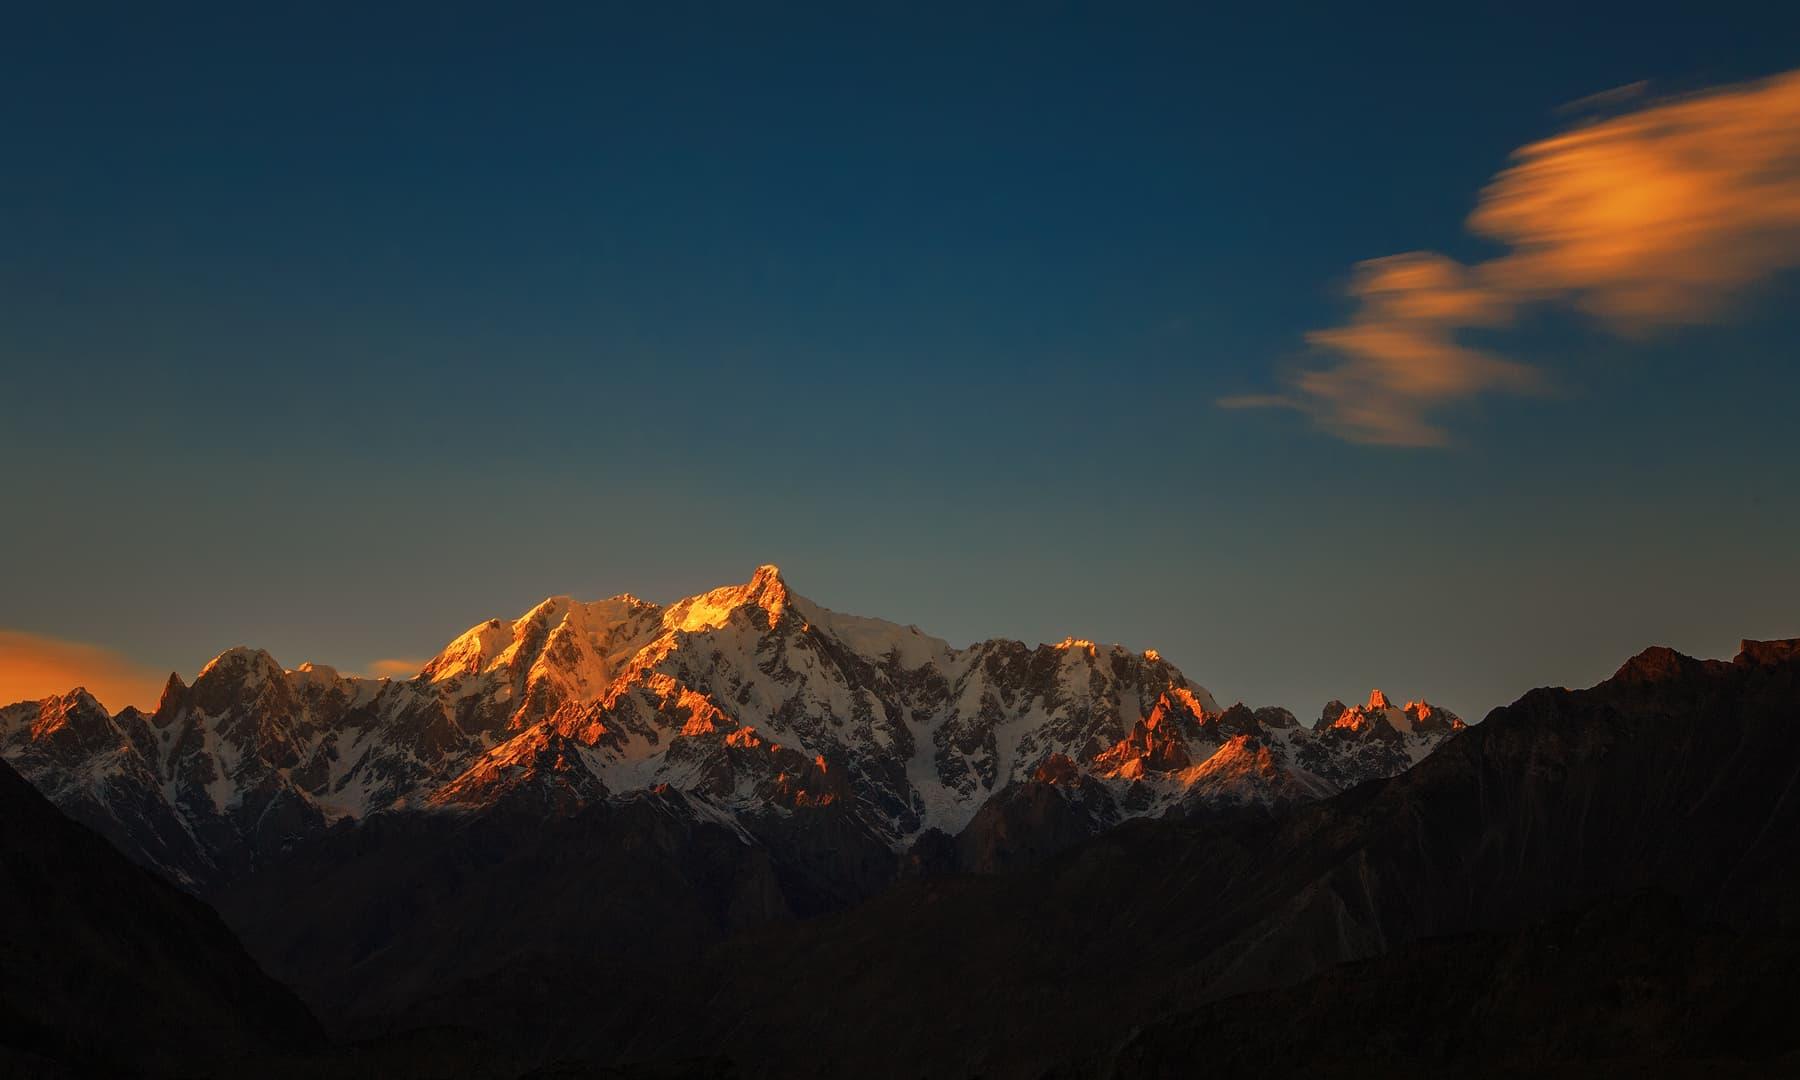 ہوپر سے التر کی چوٹی پر شام کا منظر — فوٹو سید مہدی بخاری